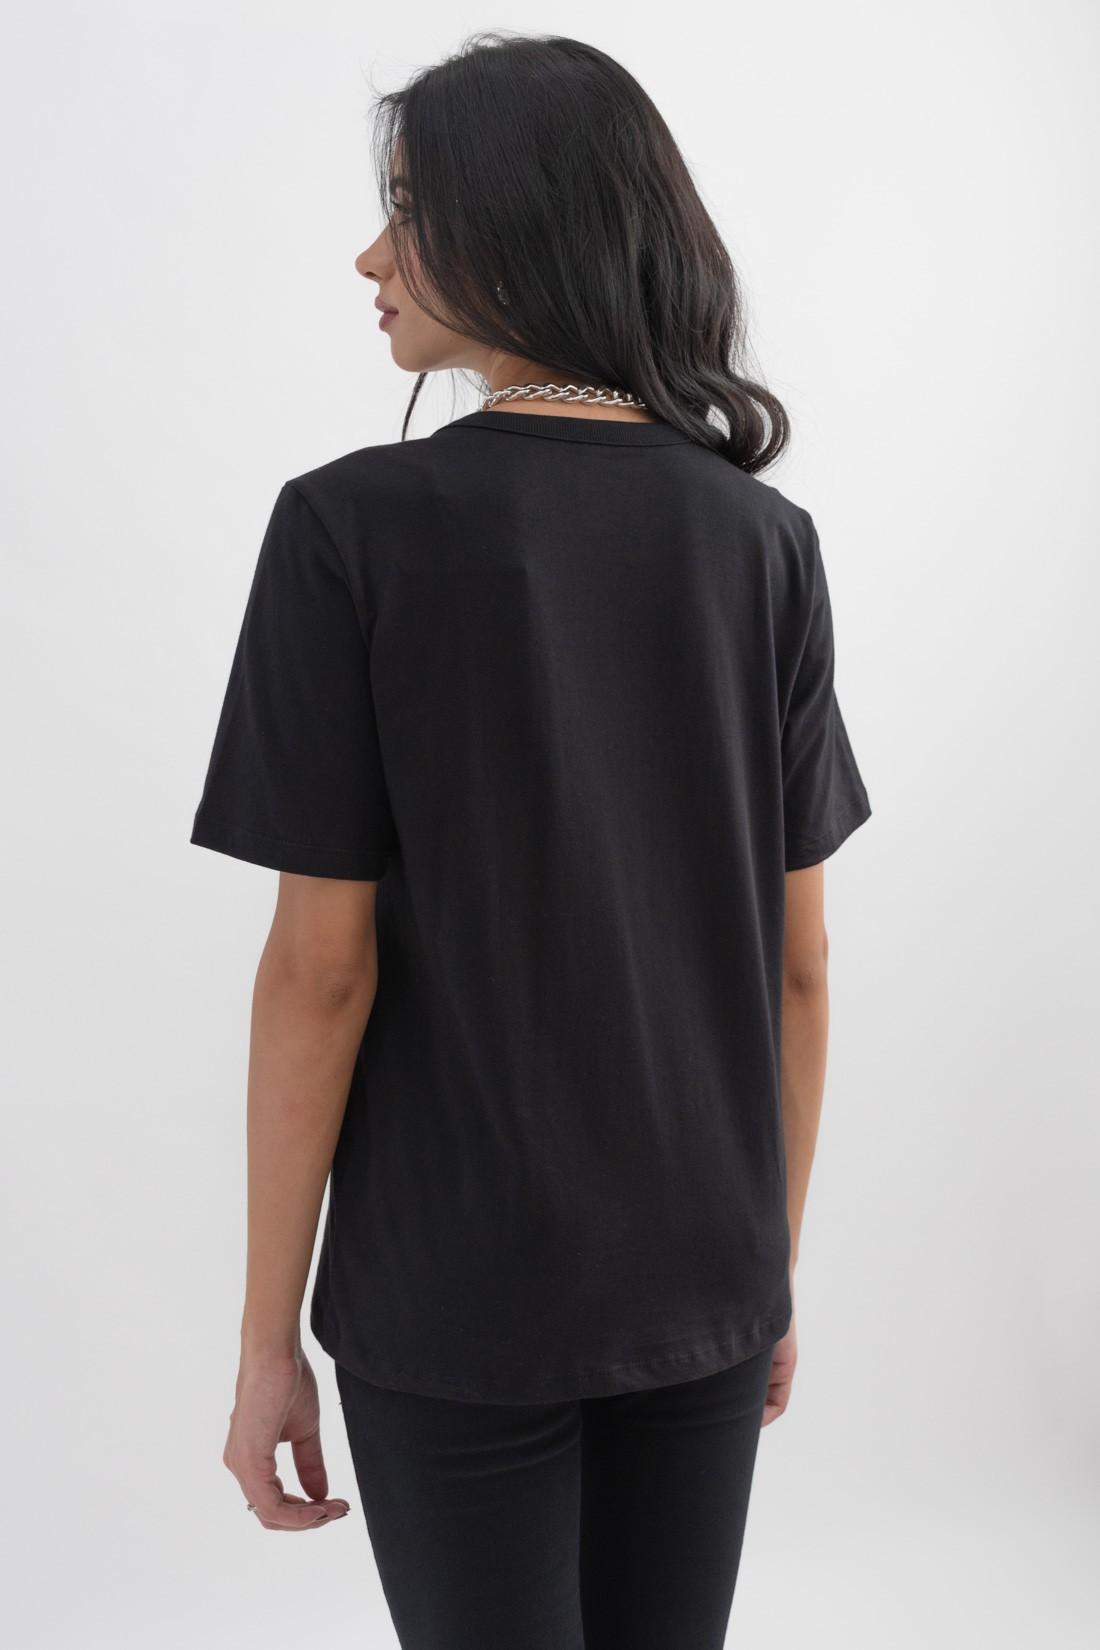 T Shirt Colcci Pateta